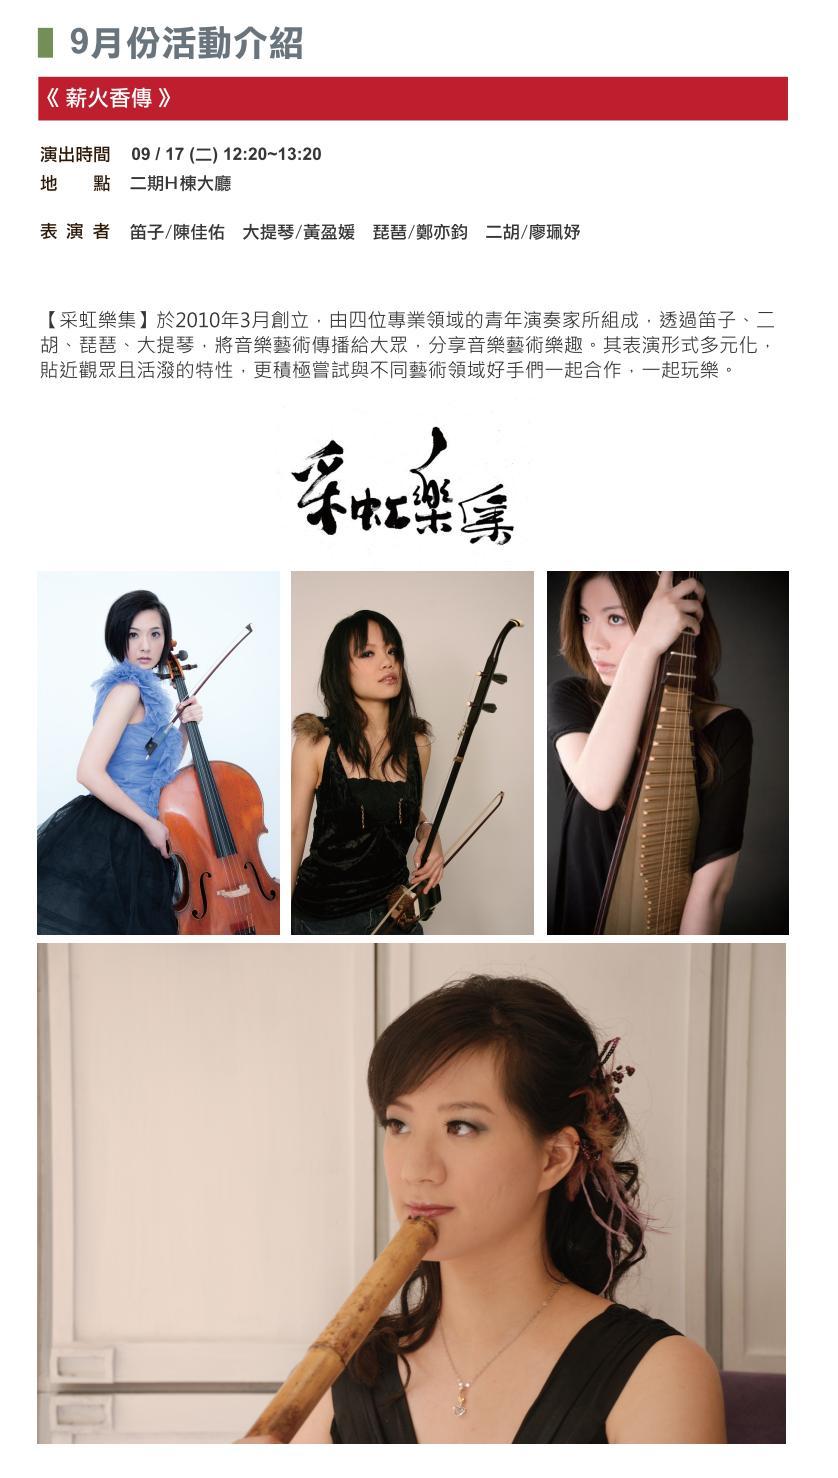 【采虹樂集】於2010年3月創立,由四位專業領域的青年演奏家所組成,透過笛子、二胡、琵琶、大提琴,將音樂藝術傳播給大眾,分享音樂藝術樂趣。其表演形式多元化,貼近觀眾且活潑的特性,更積極嘗試與不同藝術領域好手們一起合作,一起玩樂。